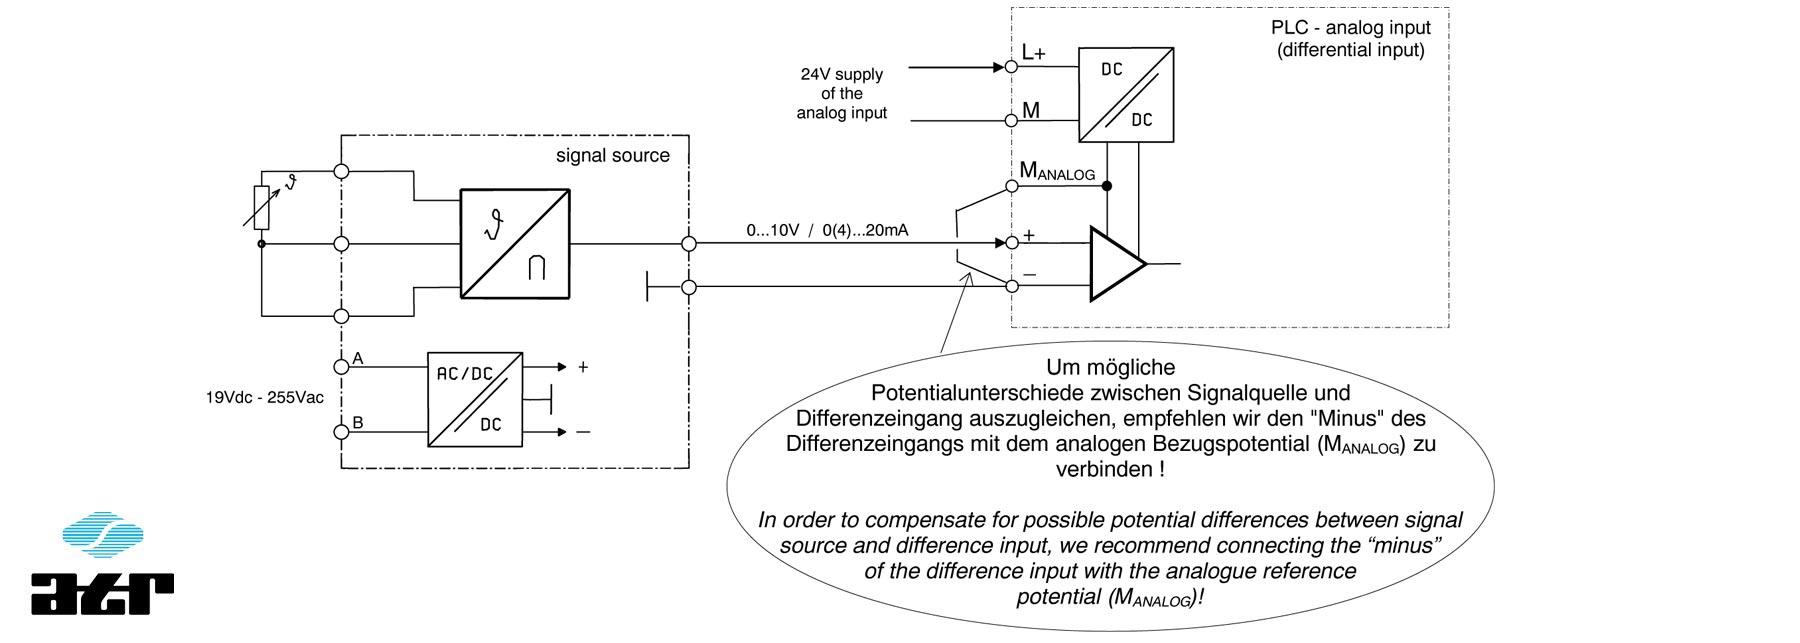 Anschluss von analogen Signalquellen an Differenzeingänge mit potentialtrennender Versorgung (ATR)